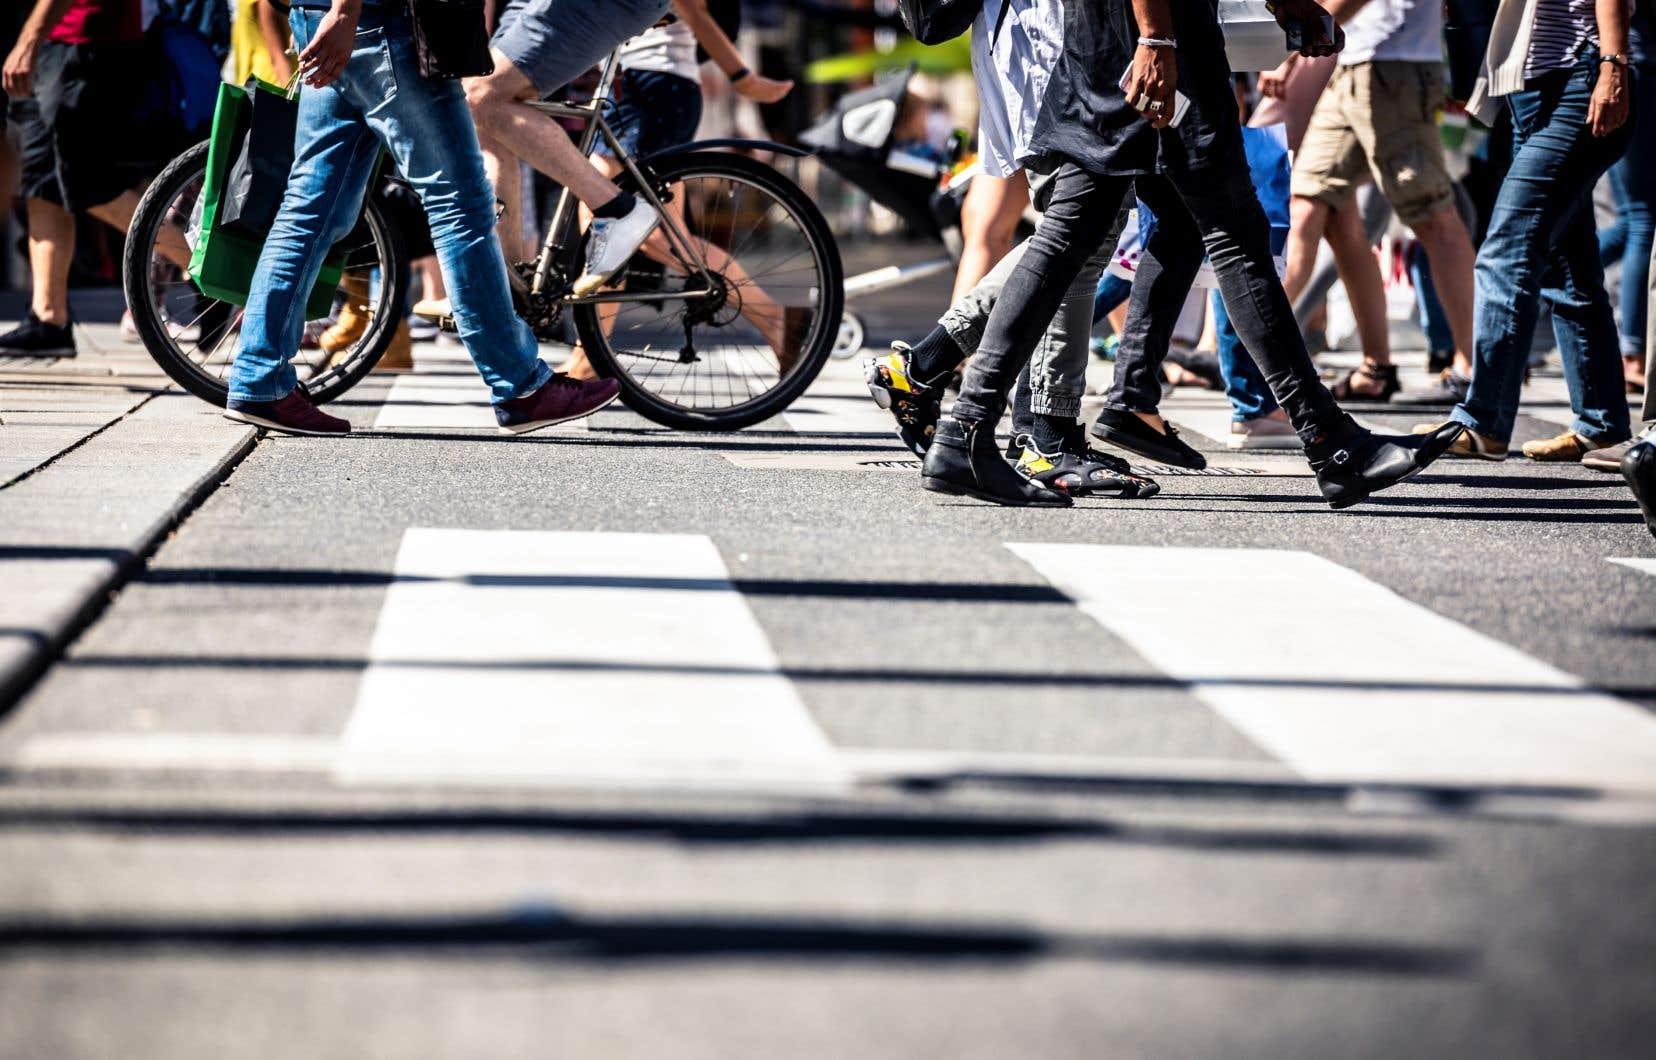 L'équilibre entre la sécurité et la fluidité représente l'un des défis majeurs dans l'encadrement de la circulation routière.